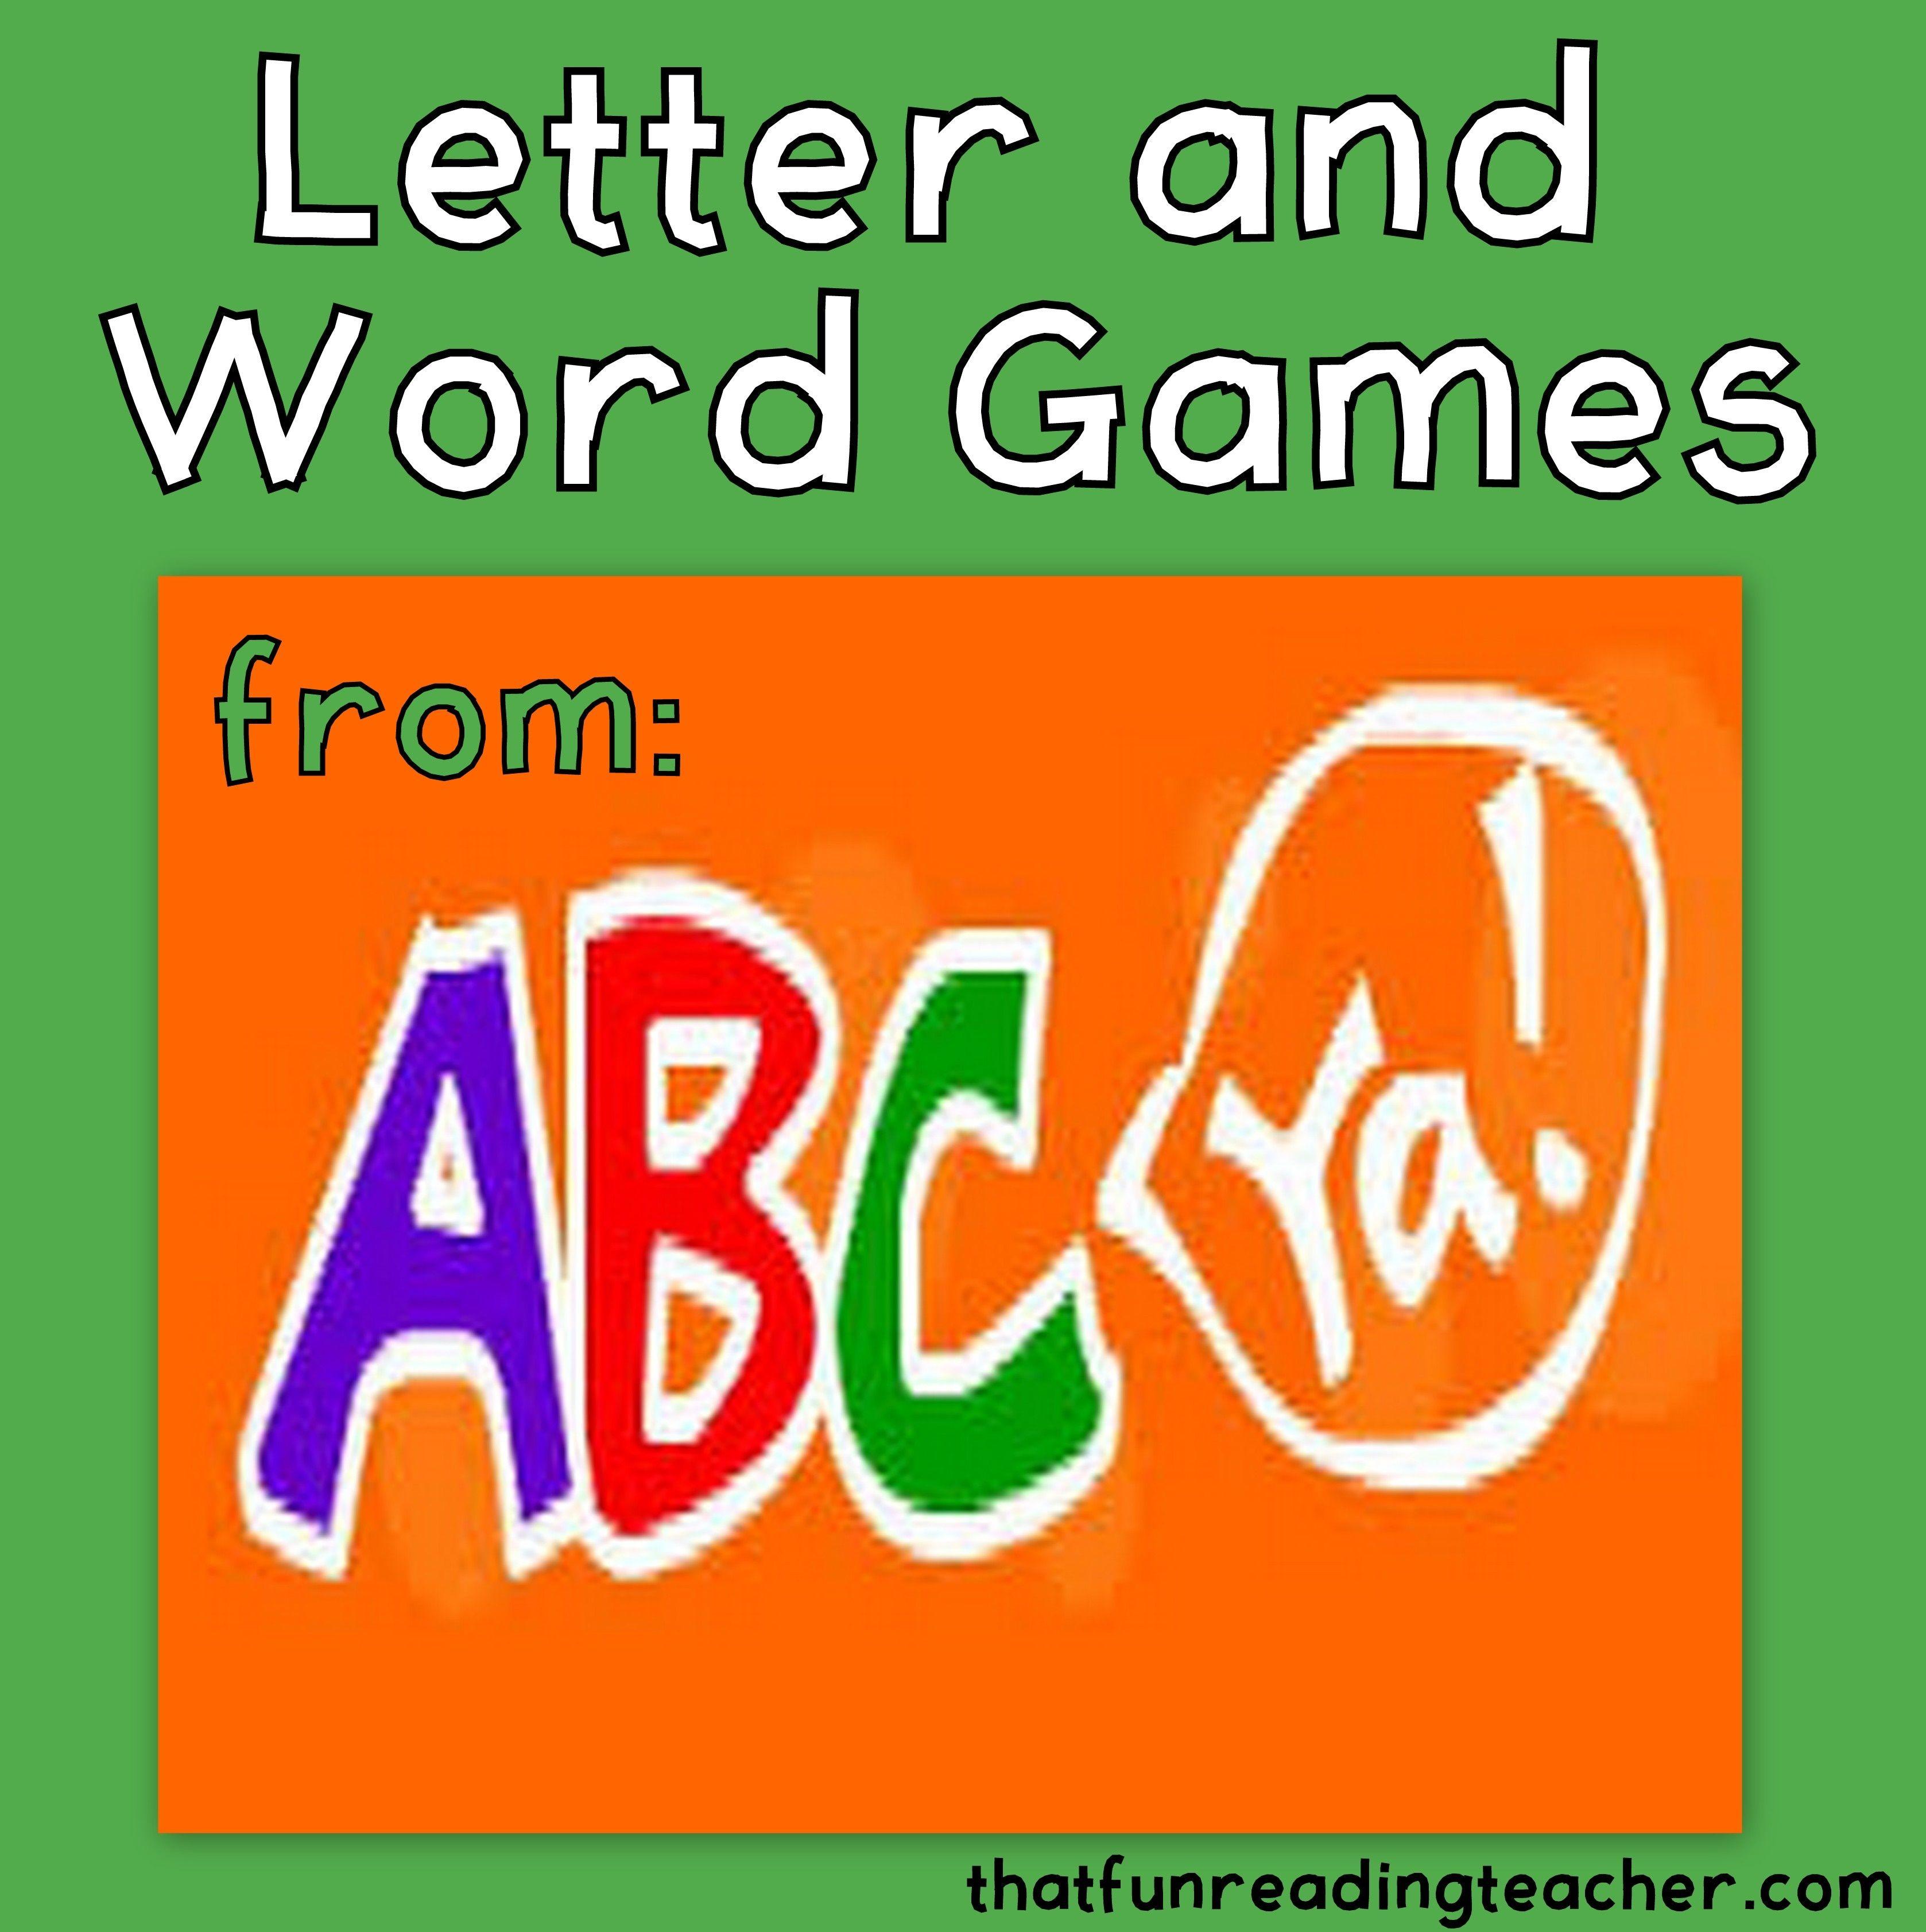 0d03dab3e66f0dde273b138c52a2ec68 - Abcya Com Kindergarten